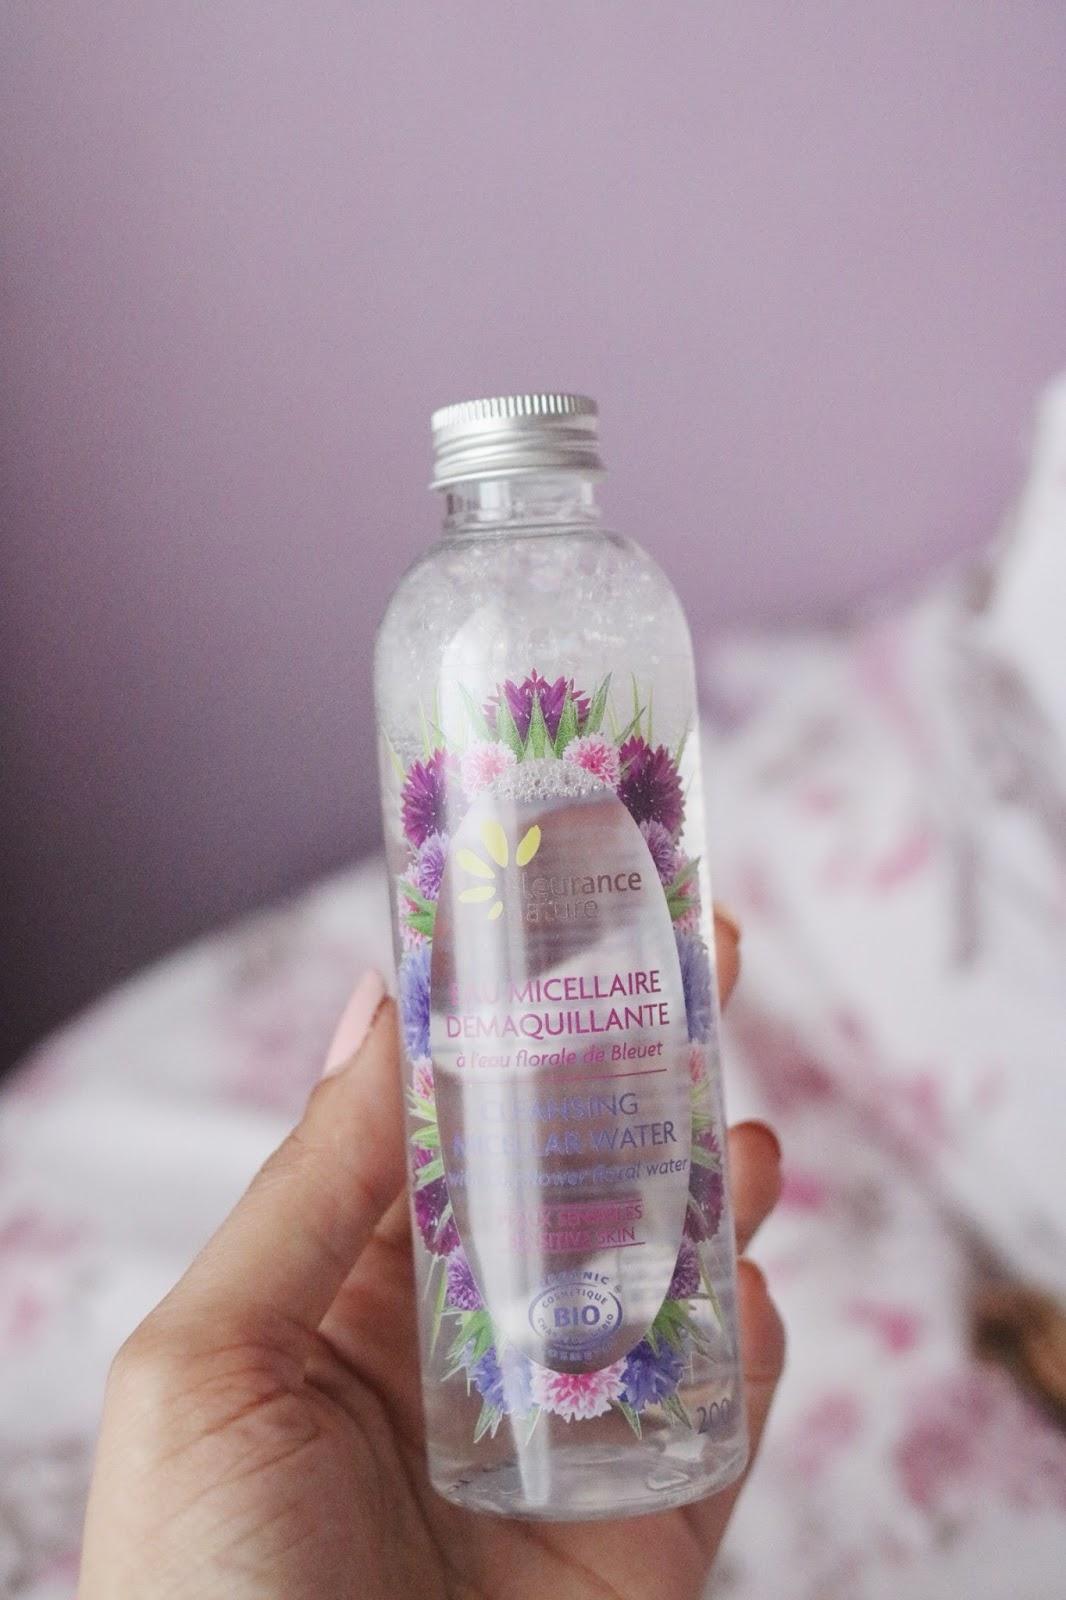 Fleurance La Anti ÂgeMon Crème Bb NatureL'eau Micellaireamp; wOlkXuZiPT